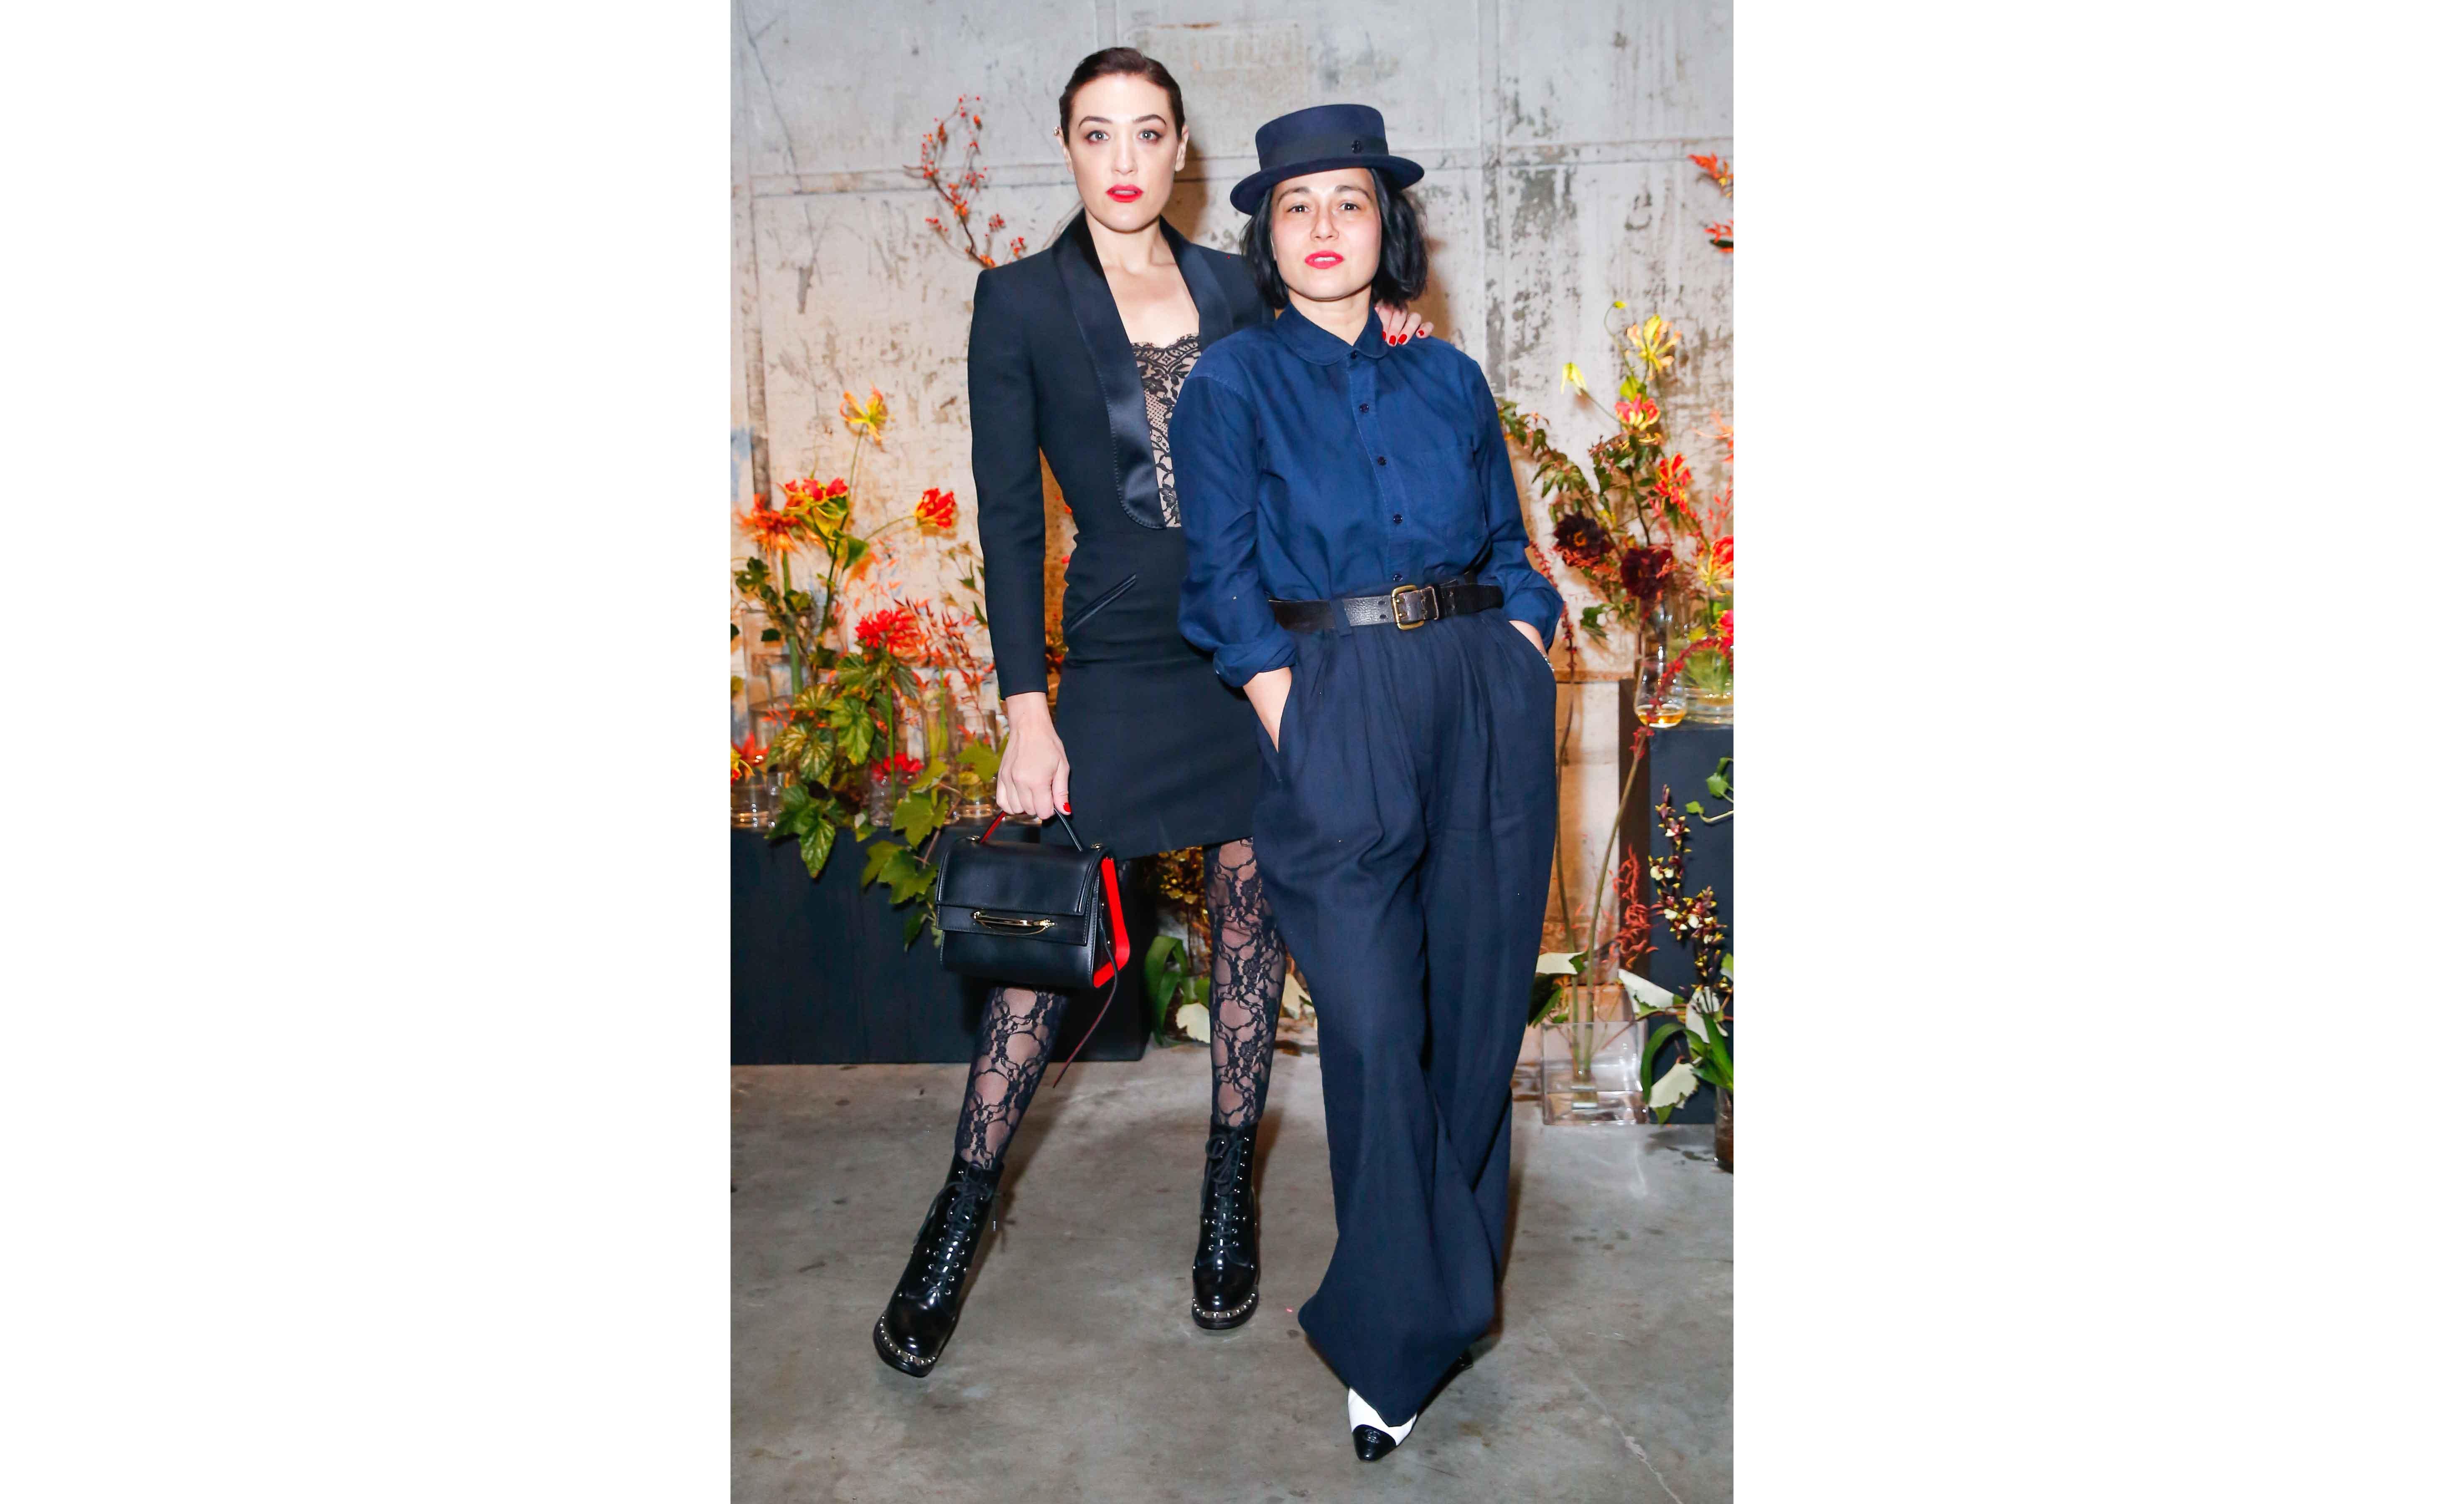 Mia Moretti and Camille Becerra